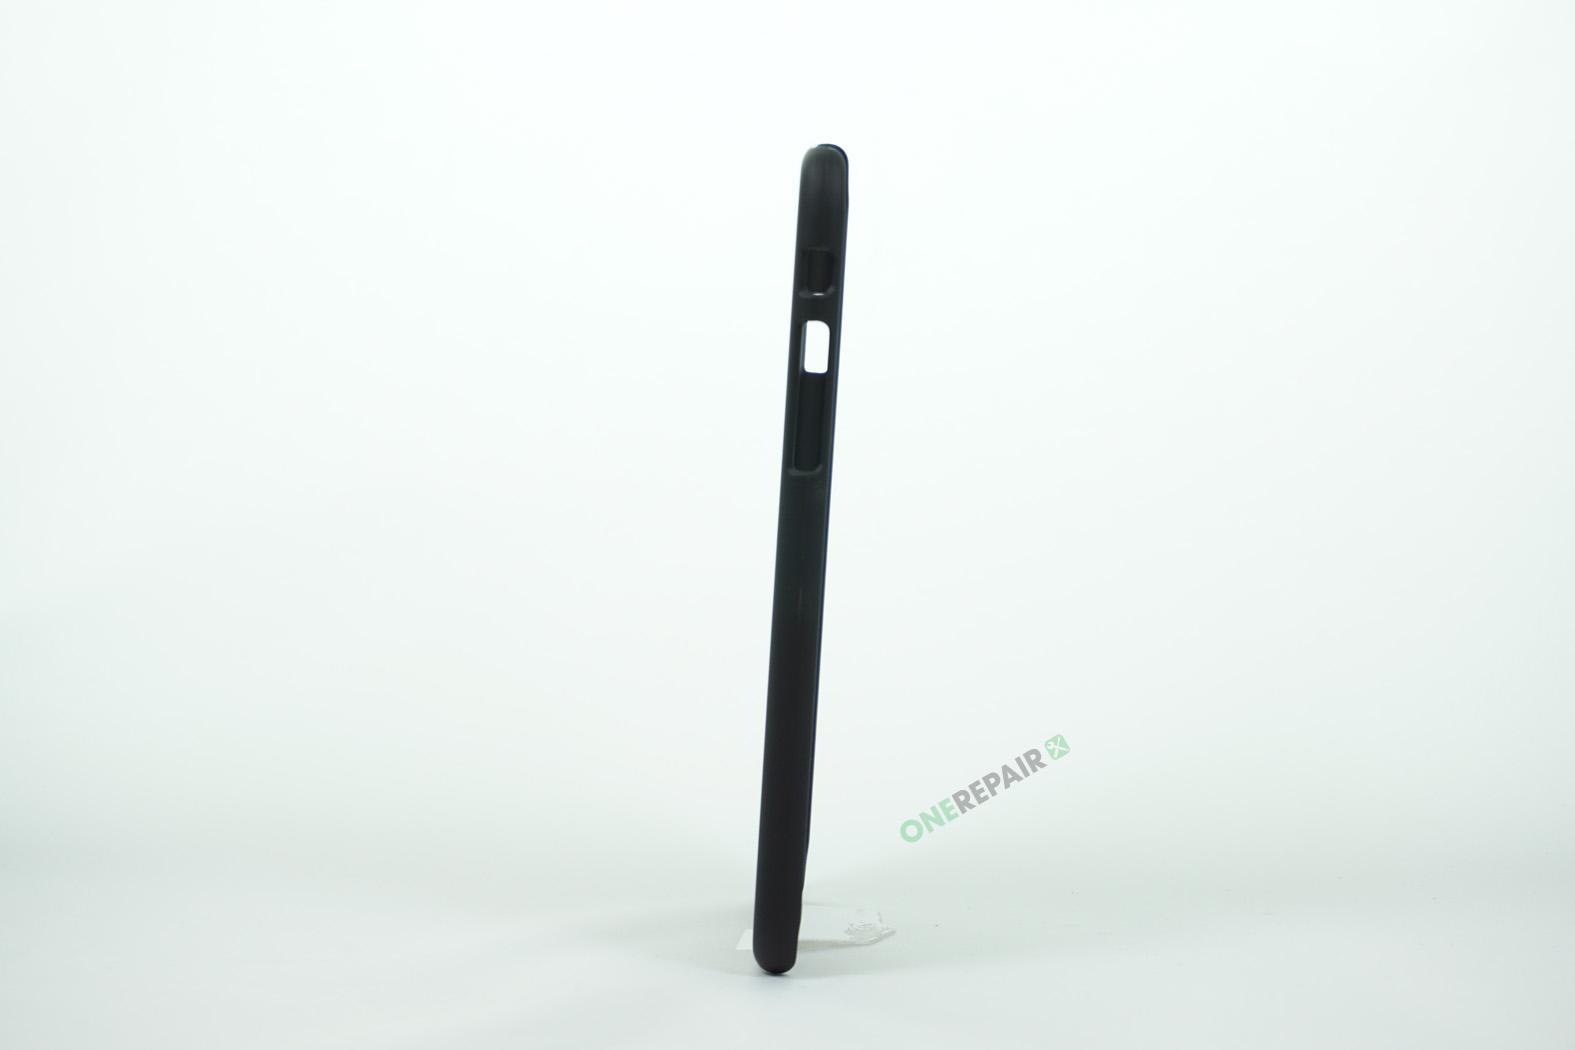 351950_iPhone_6_6S_Plastik_New_Beginnings_Motiv_Cover_Sort_OneRepair_00002